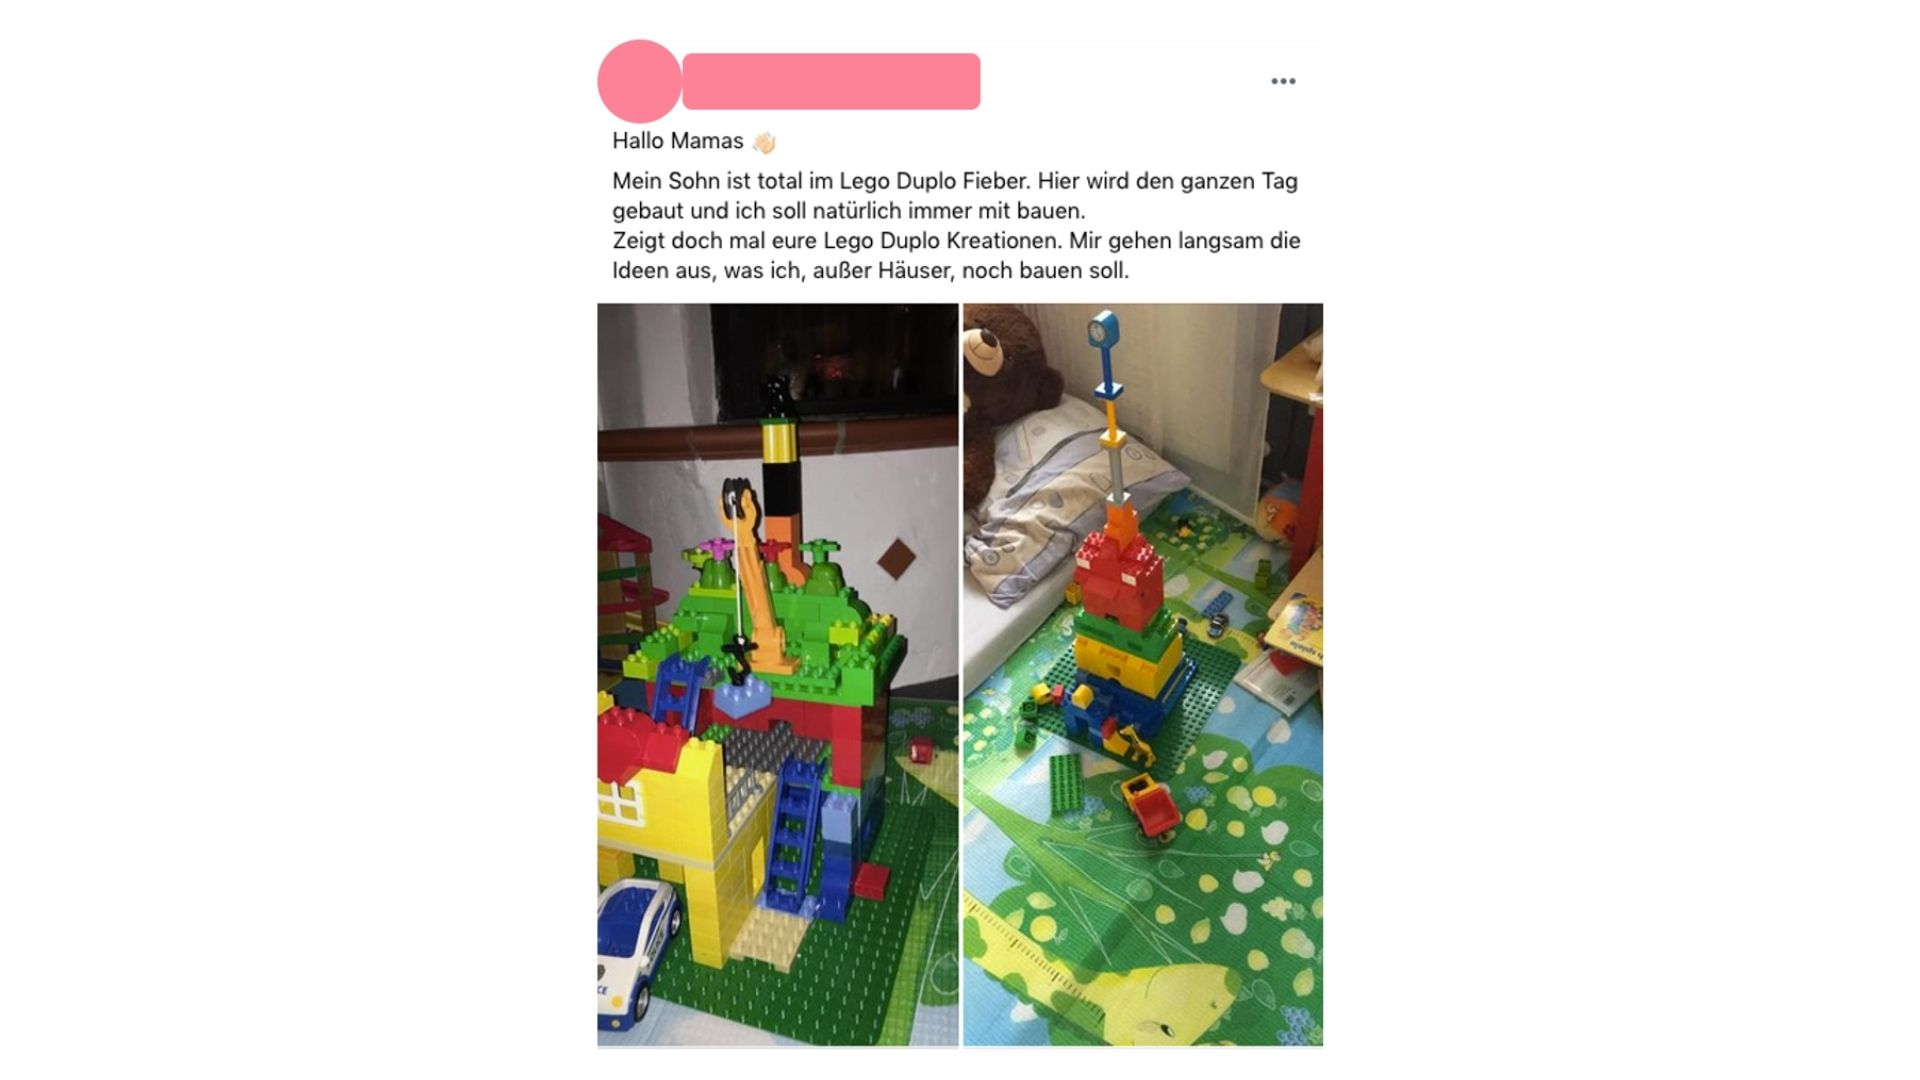 LEGO DUPLO Spielideen Frage Echte Mamas Community